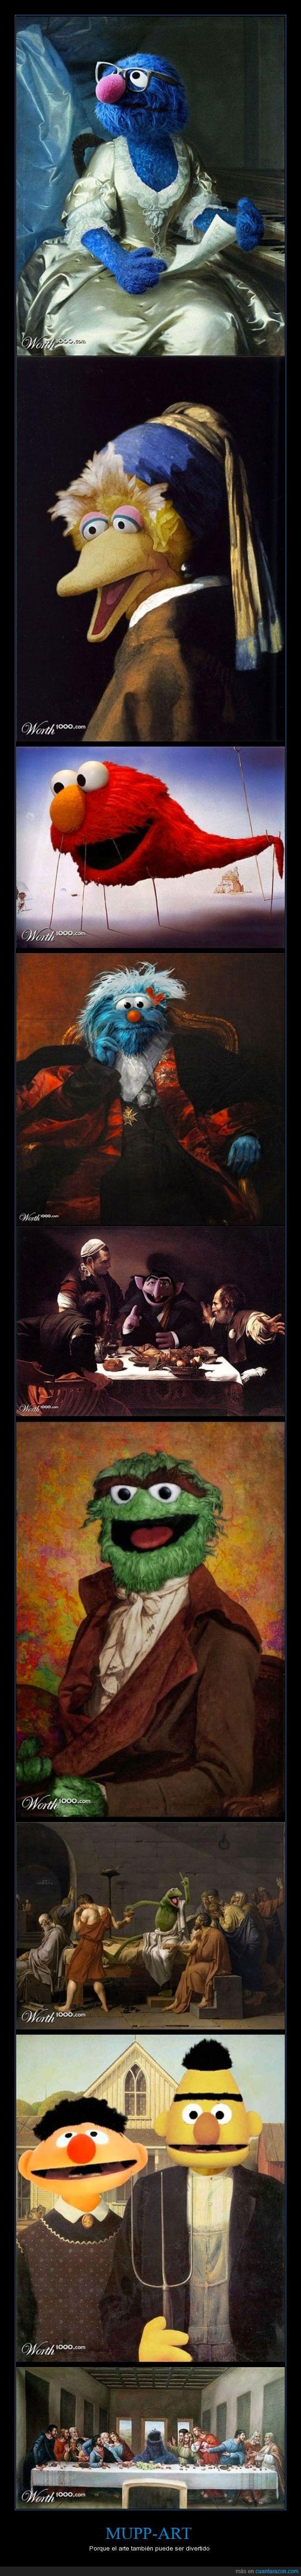 Arte,barrio sesamo,clasico,coco,cuadro,Elmo,Epi y Blas,galletas,Muppets,pintores